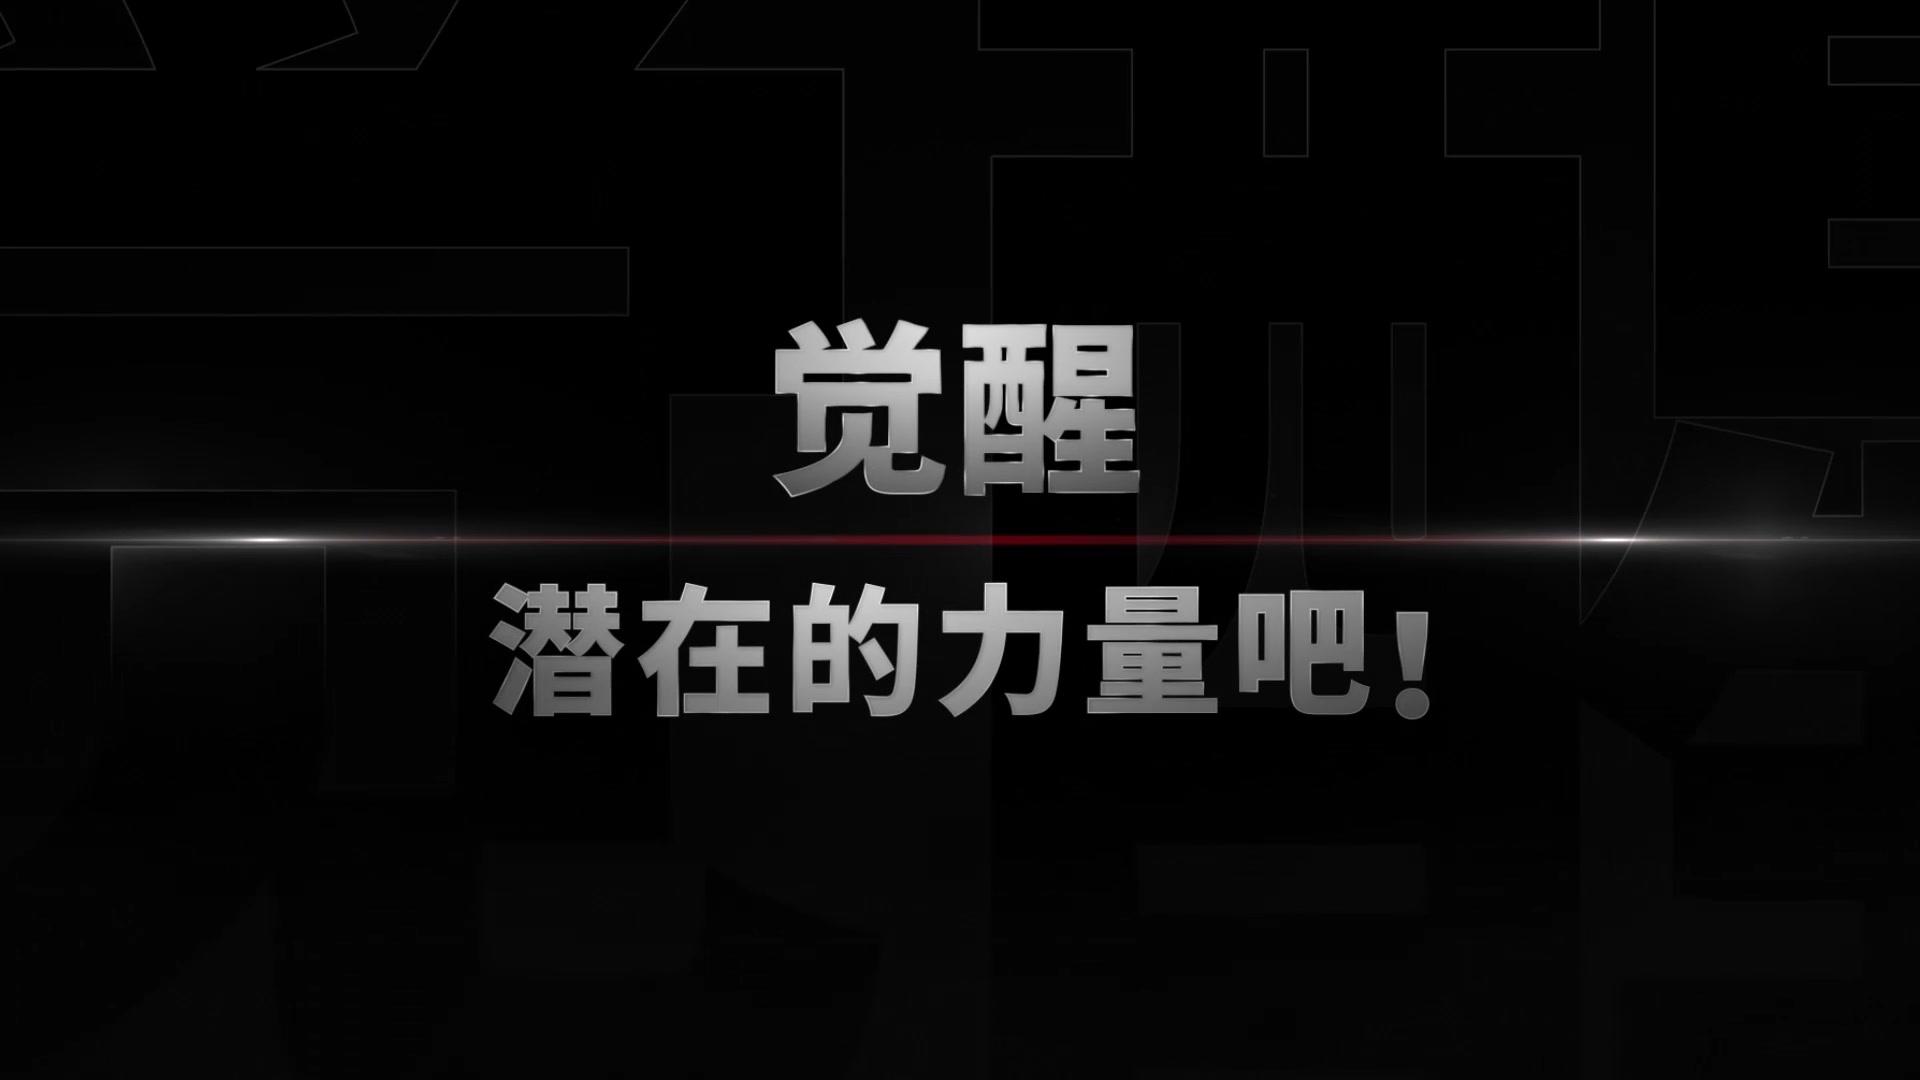 冒险岛V177【觉醒】版本即将上线,各大职业新5转技能抢先看!